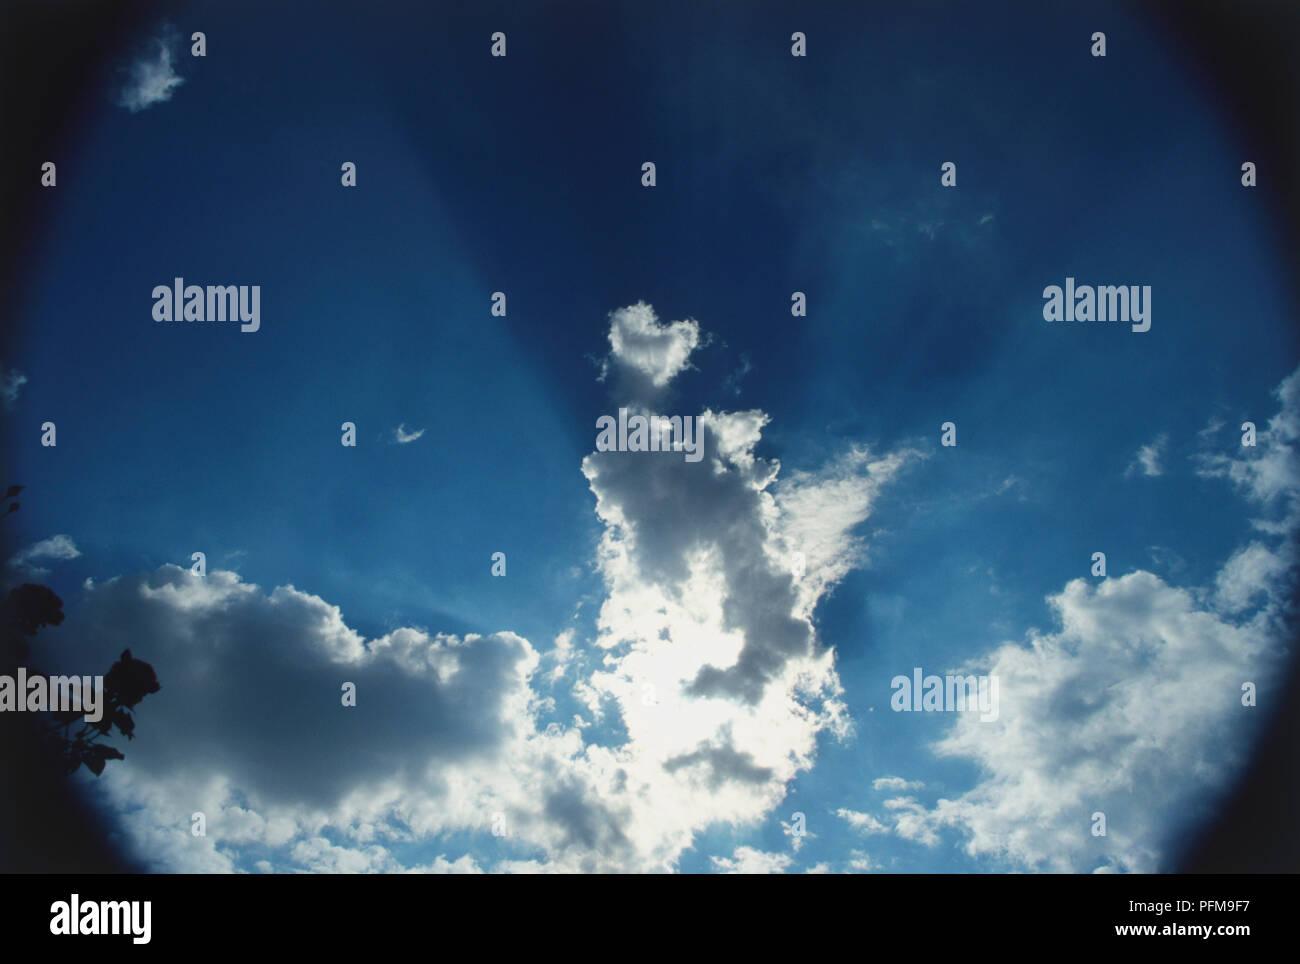 Sonnenstrahlen, fast parallel einfallender Sonneneinstrahlung teilweise durch weiße und graue Wolken, Sonne hinter zentralen Cloud beleuchten einige Teile blockiert, Strahlen cast durch blauen Himmel. Stockfoto